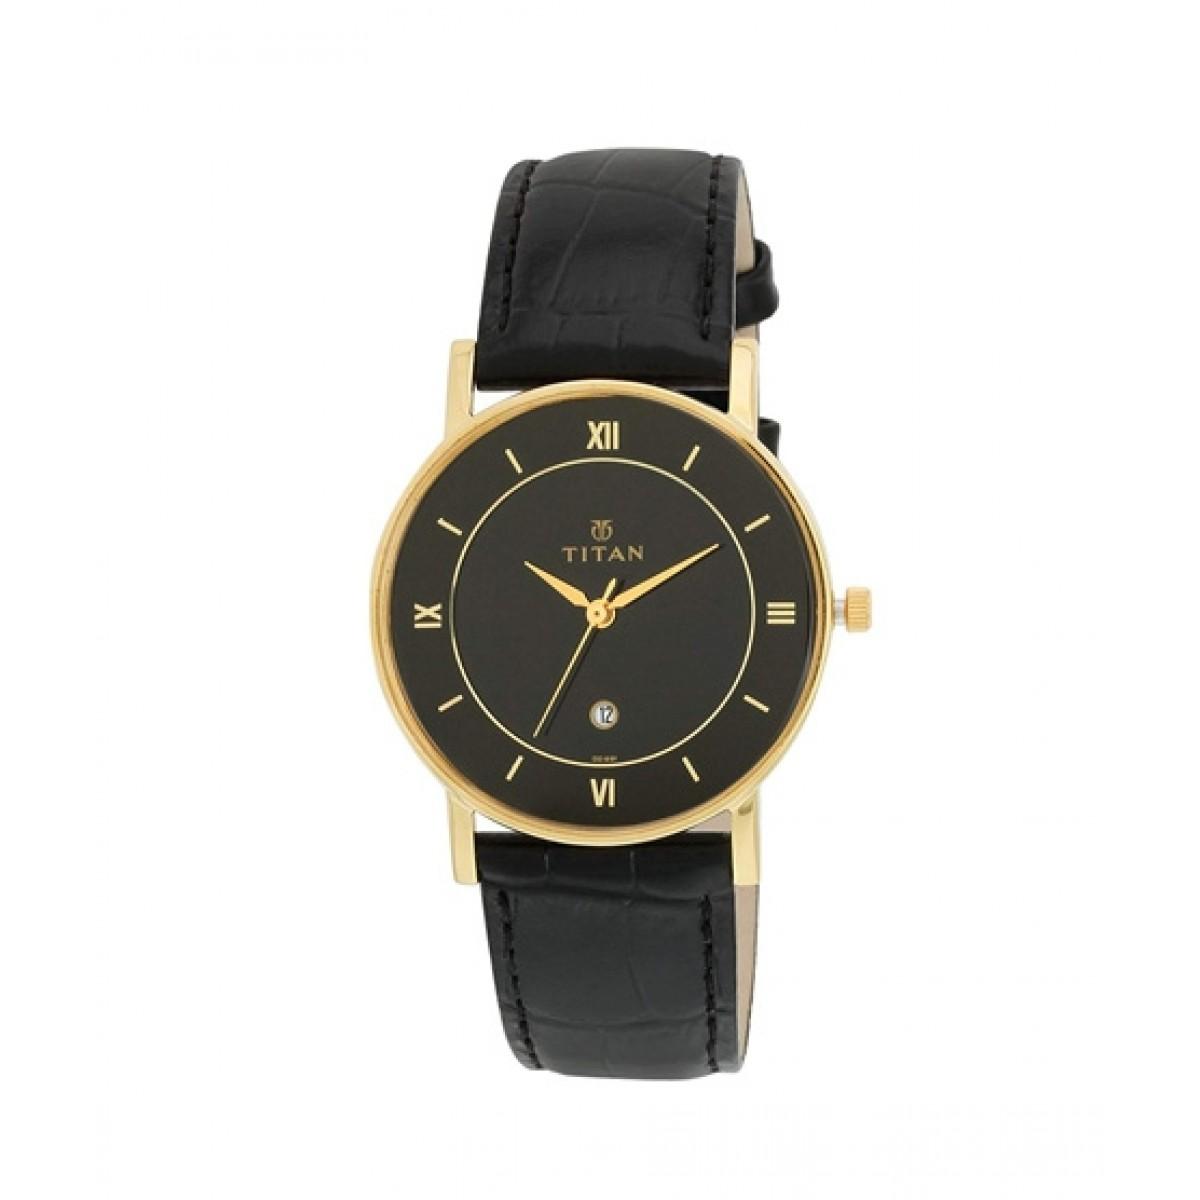 Titan Analog Men's Watch Black (9162YL02)